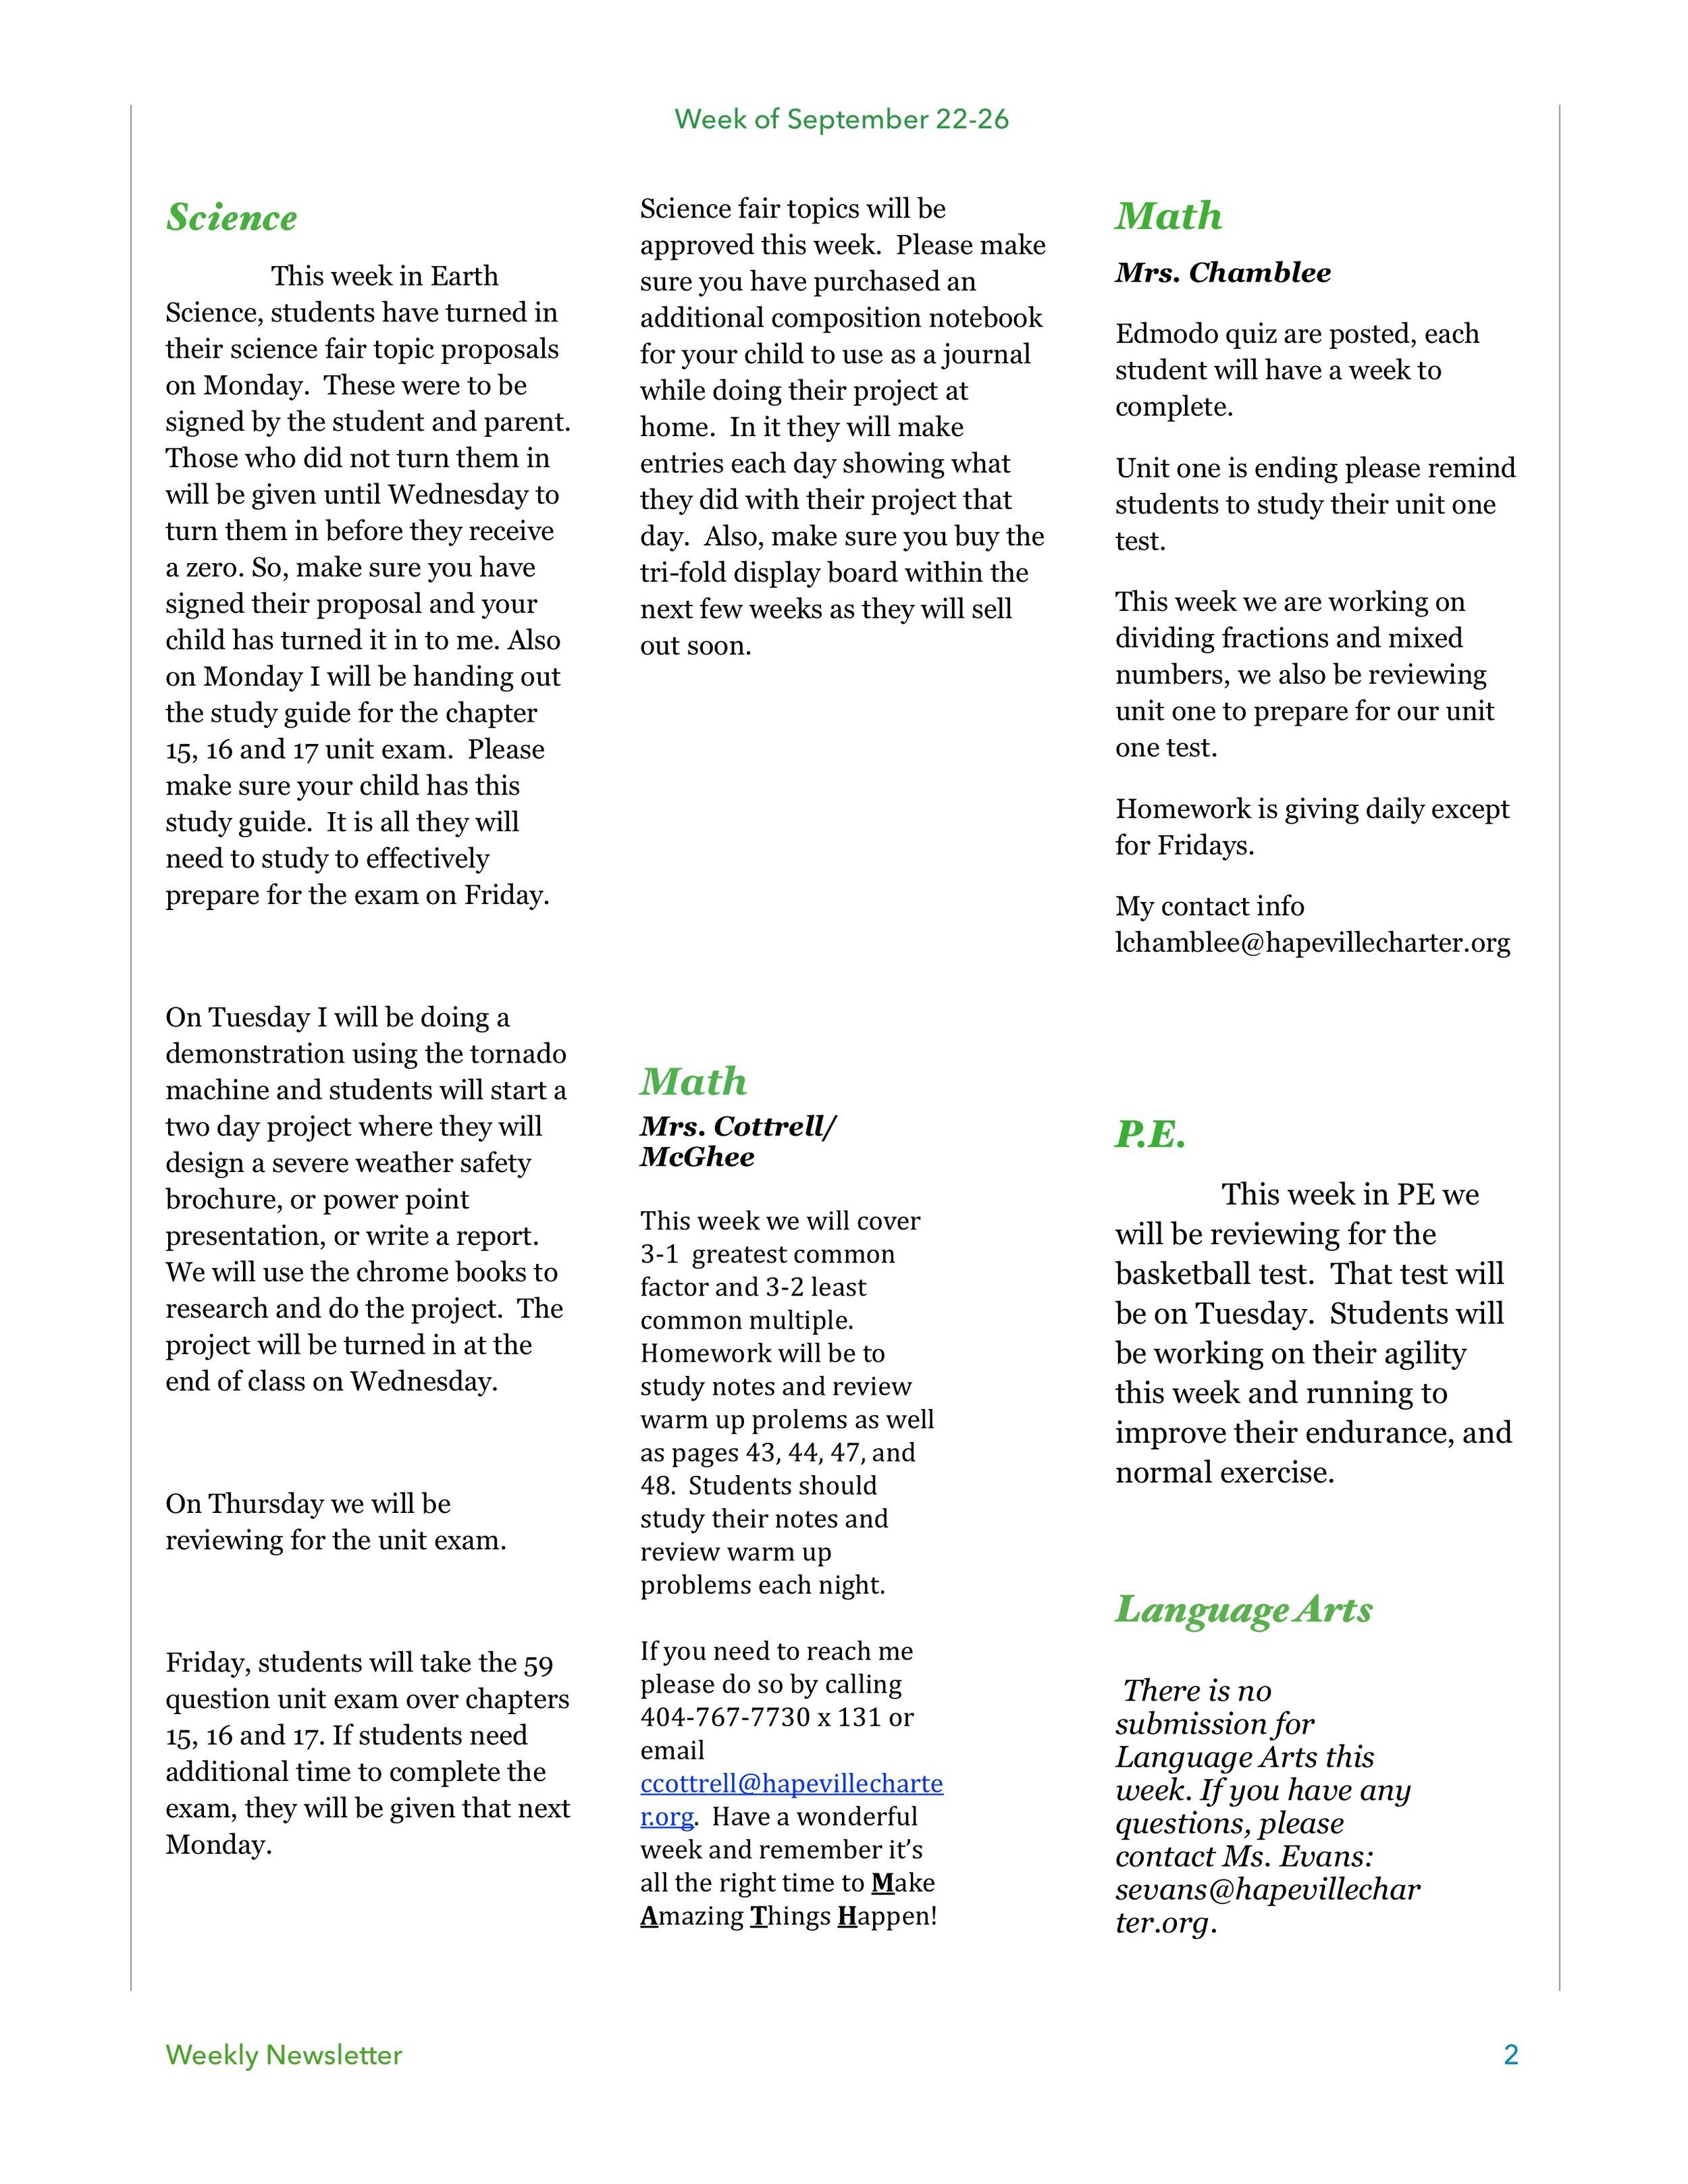 Newsletter ImageSeptember 22-26pdf 2.jpeg